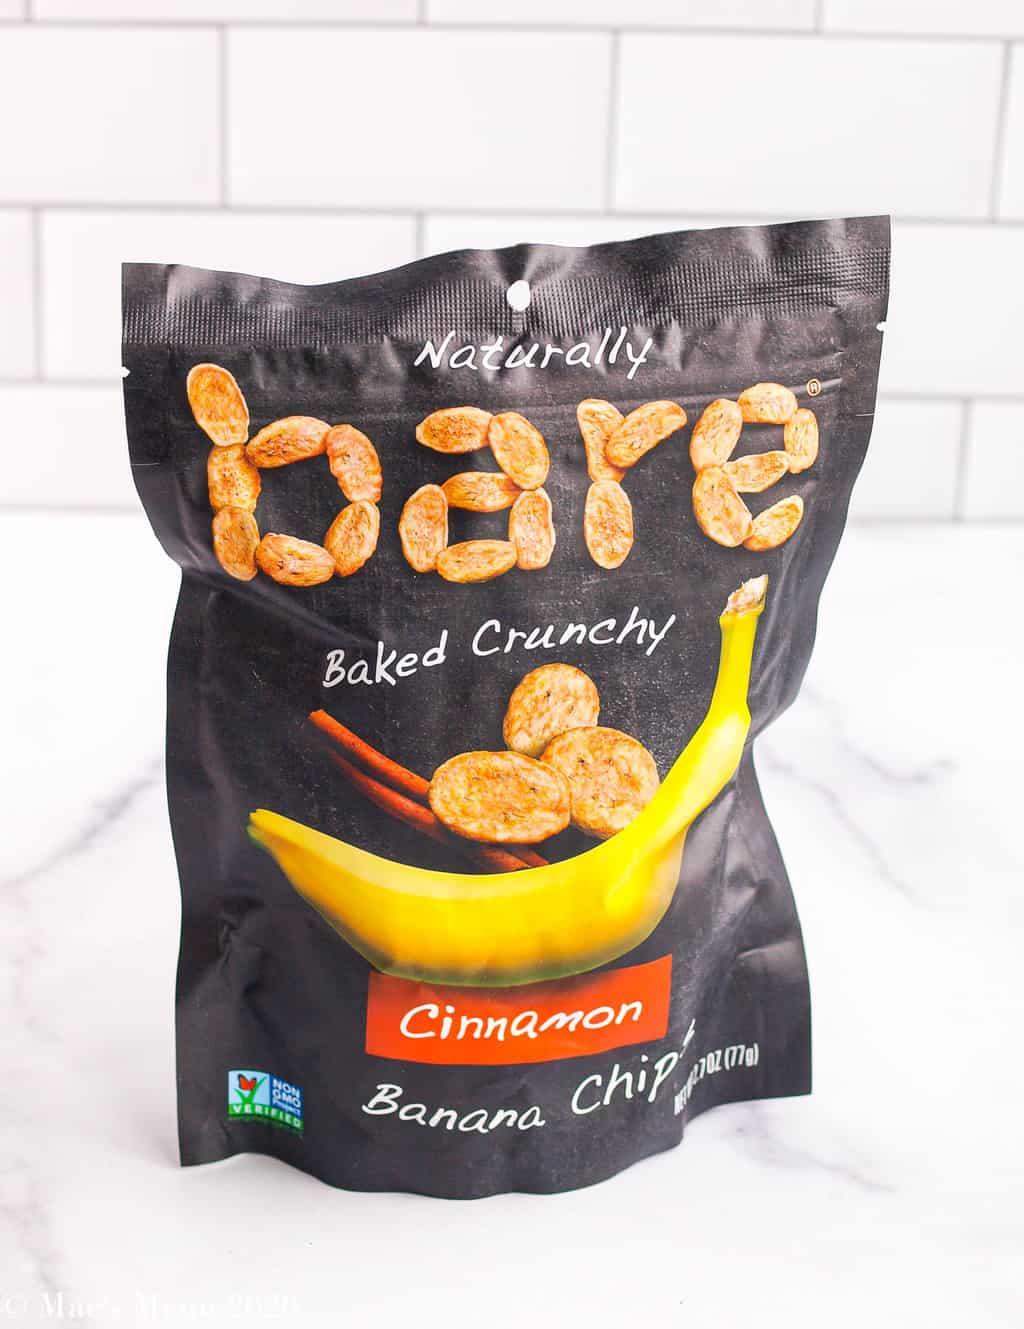 a bag of naturally bare cinnamon banana chips on the counter